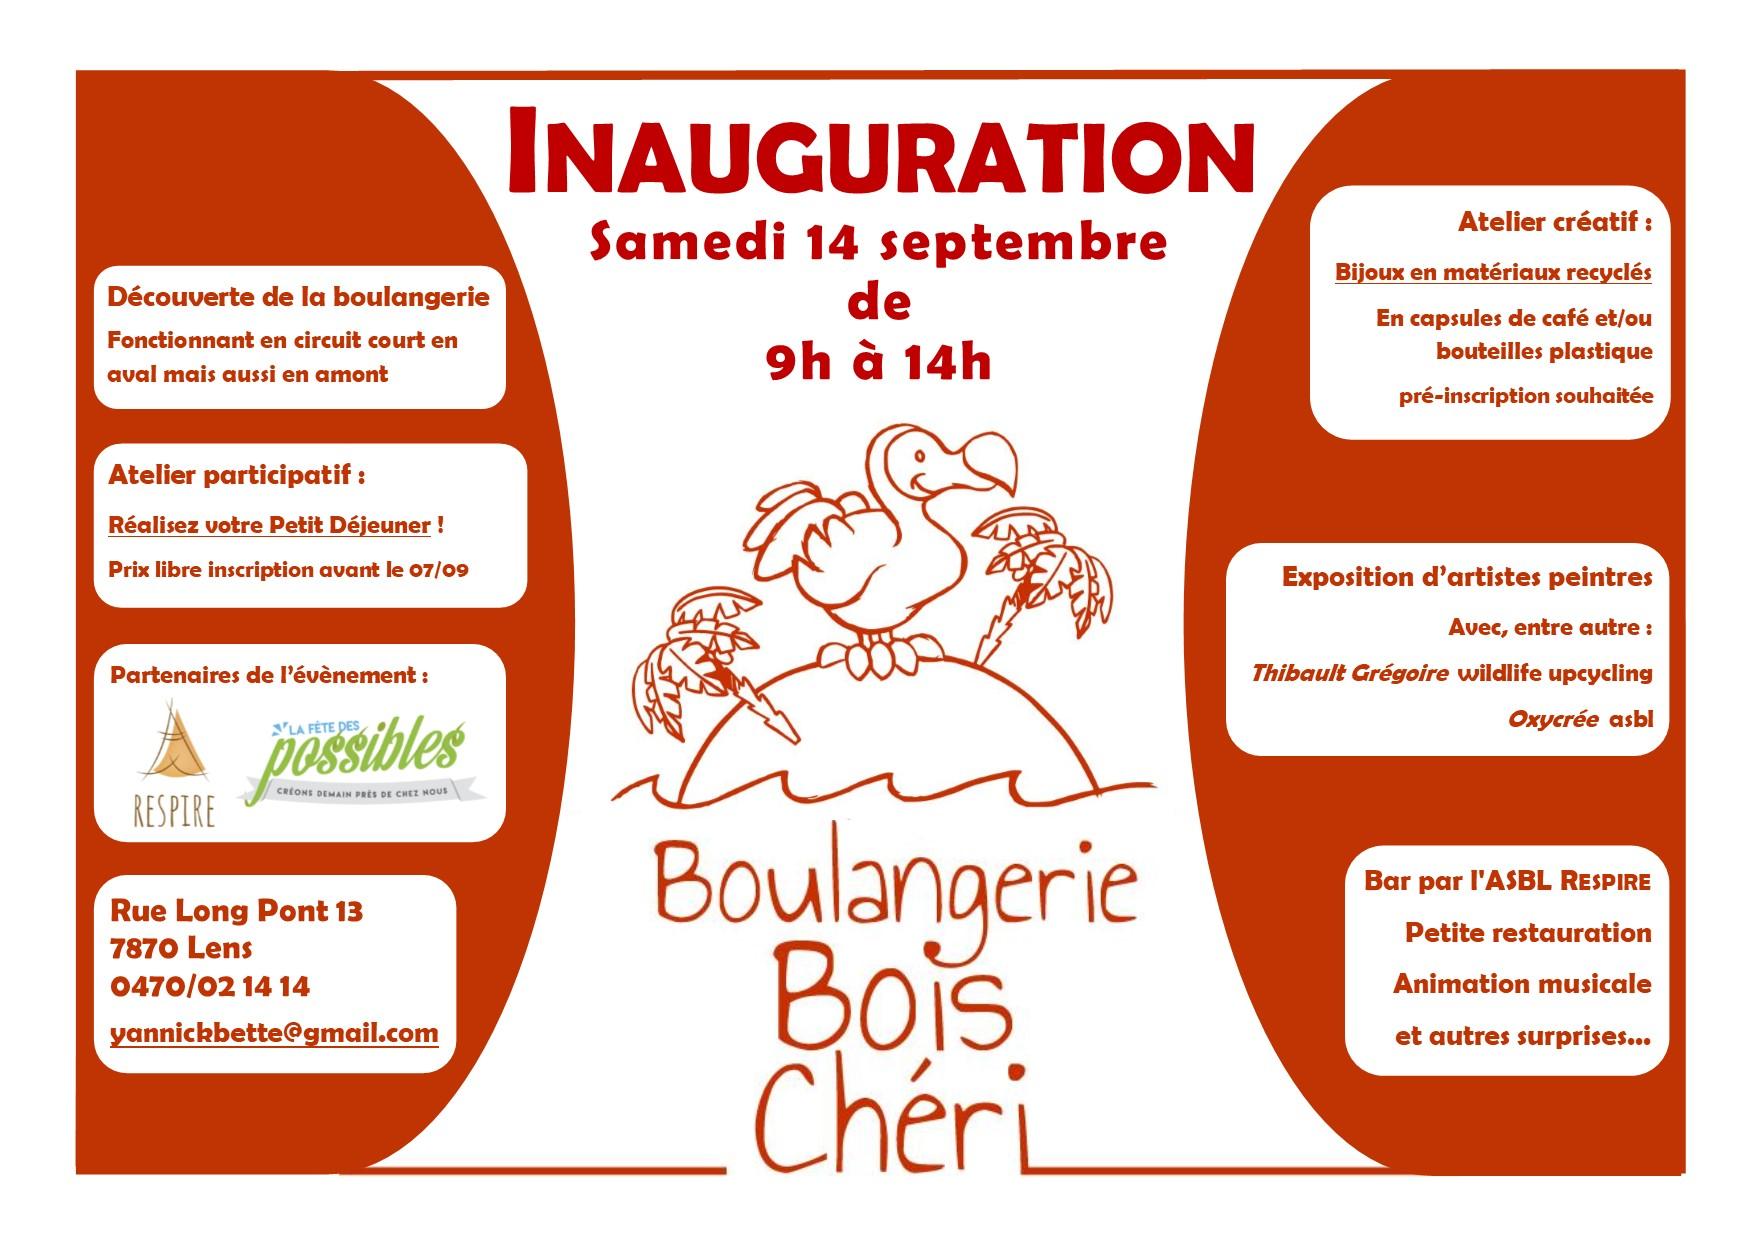 Inauguration de la Boulangerie Bois Chéri